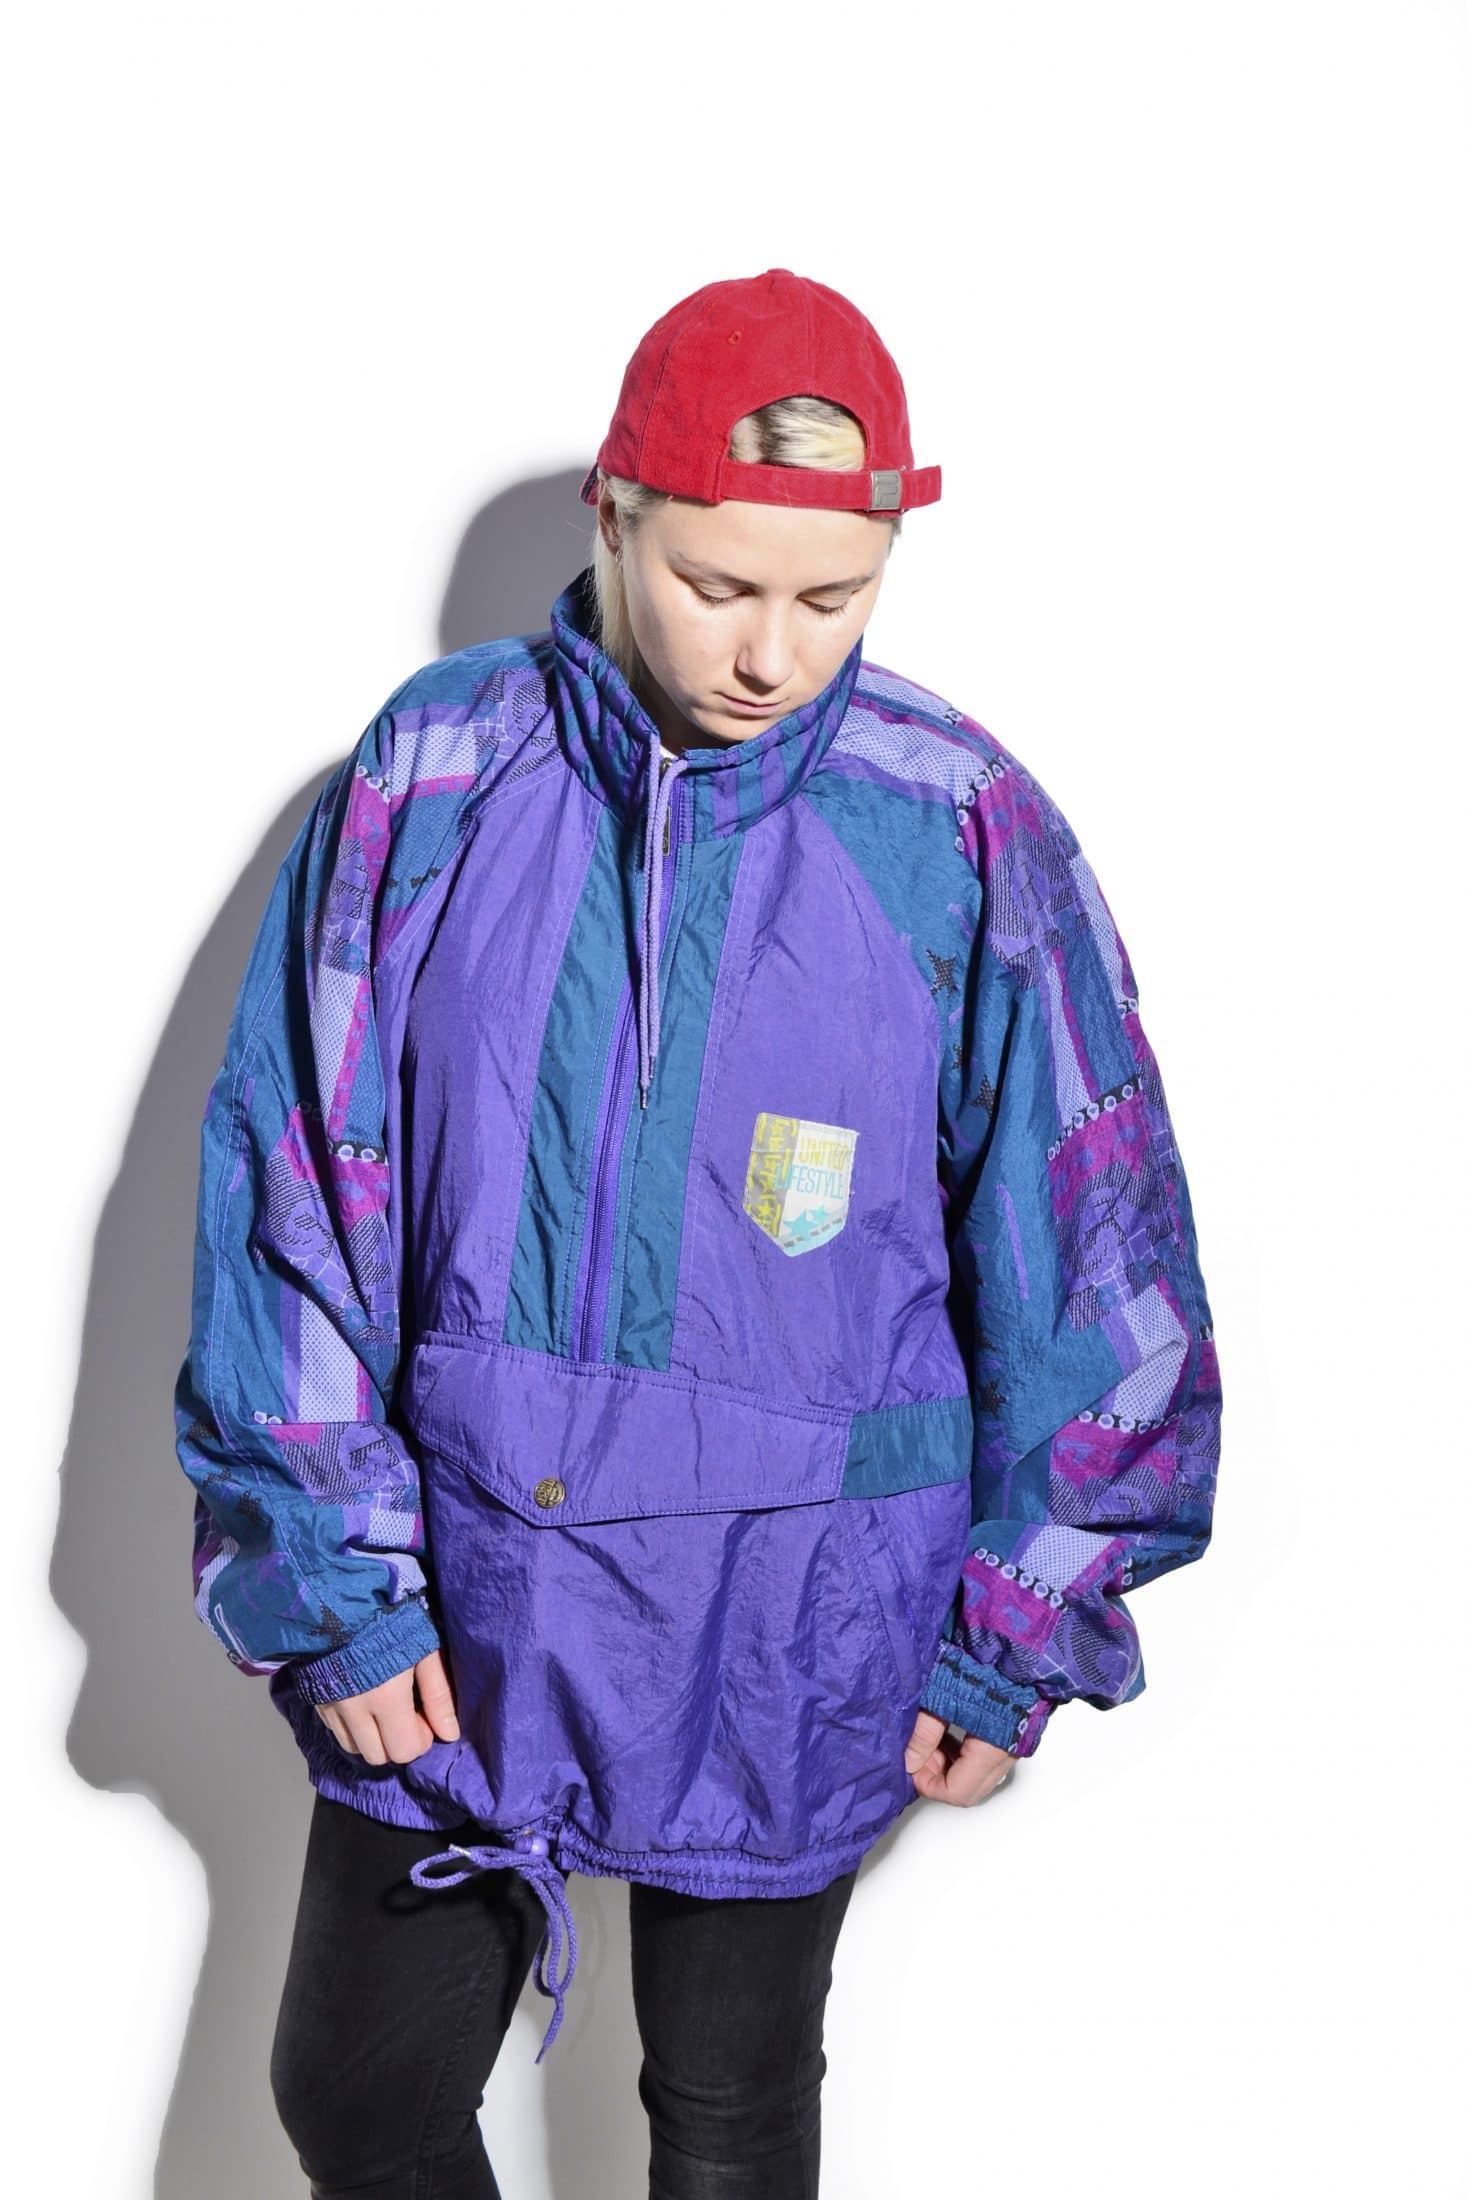 90s Ski Clothes